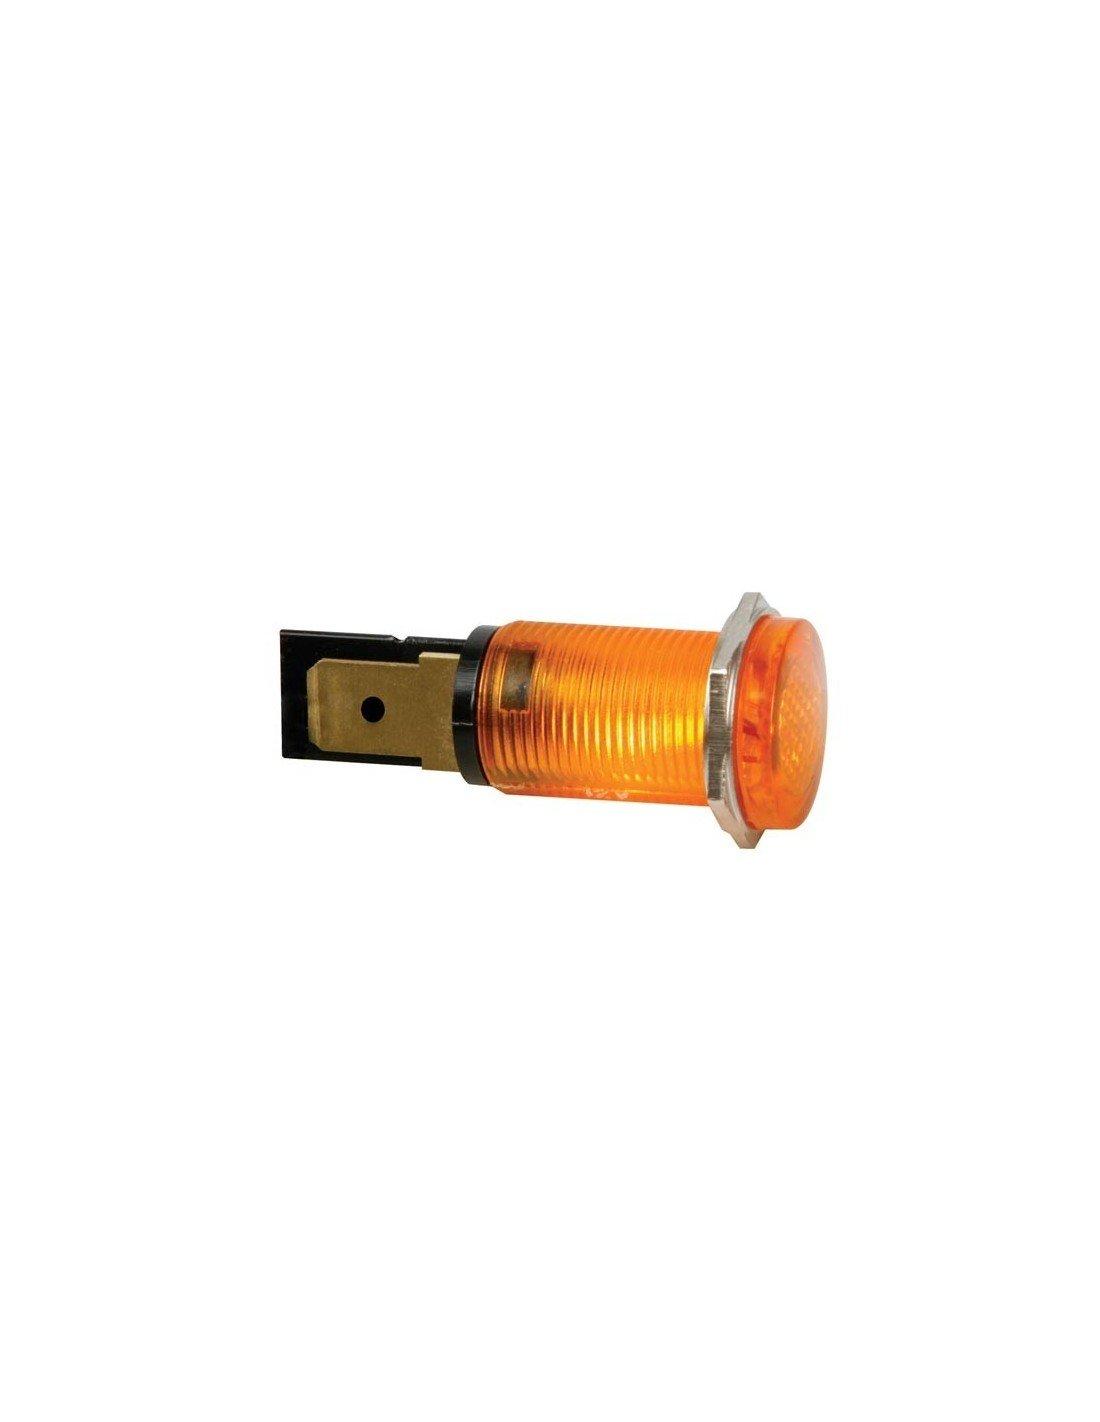 HRJC012A Runde LED-Signalleuchte PEREL 12V 142983 14 mm